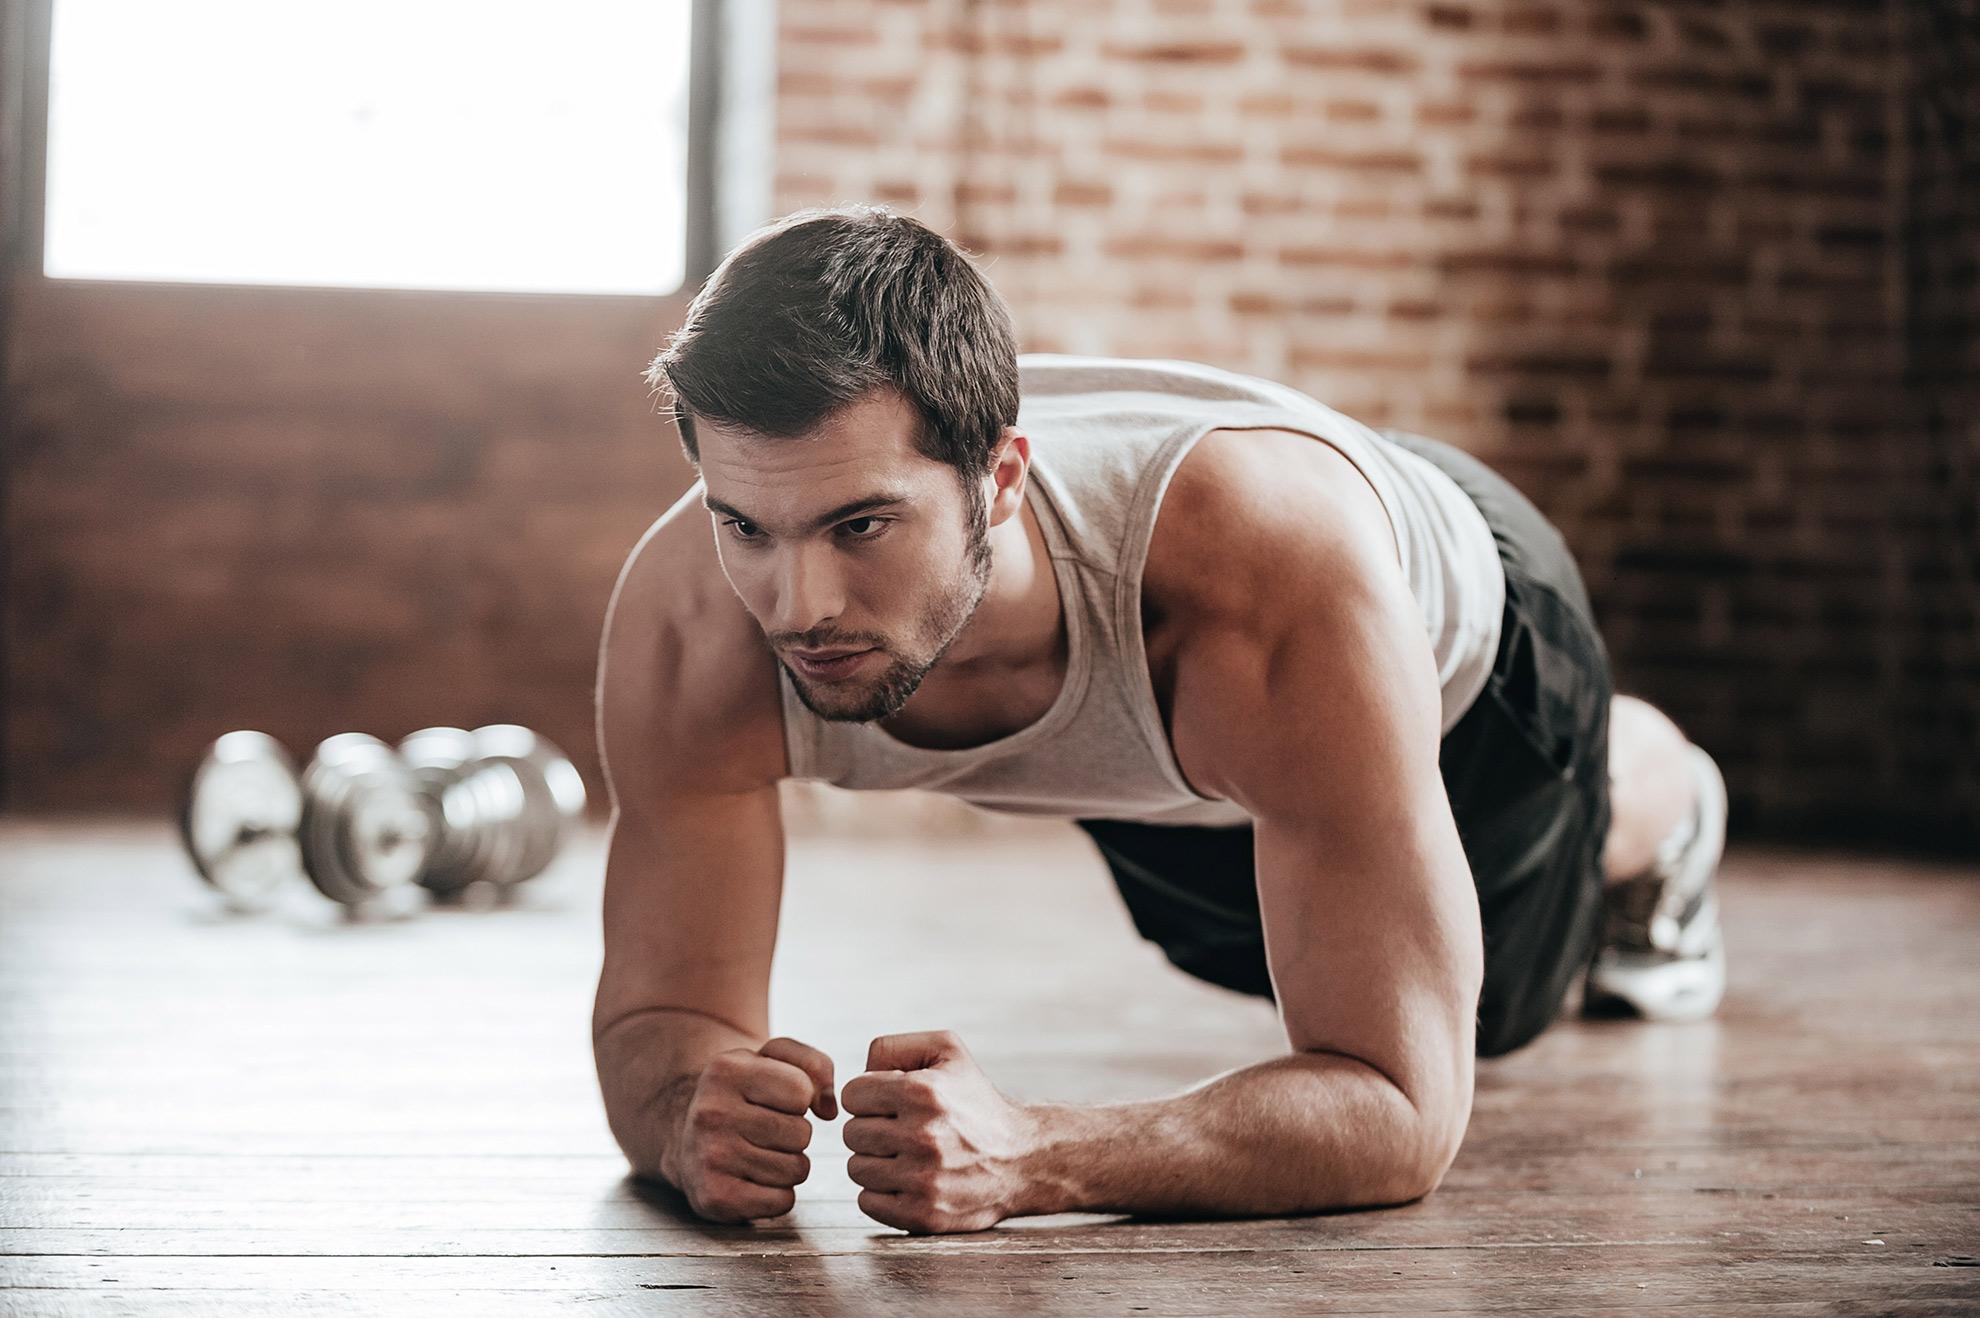 Mężczyzna wykonujący plank, zdjęcie do artykułu o efektach ćwiczenia deski